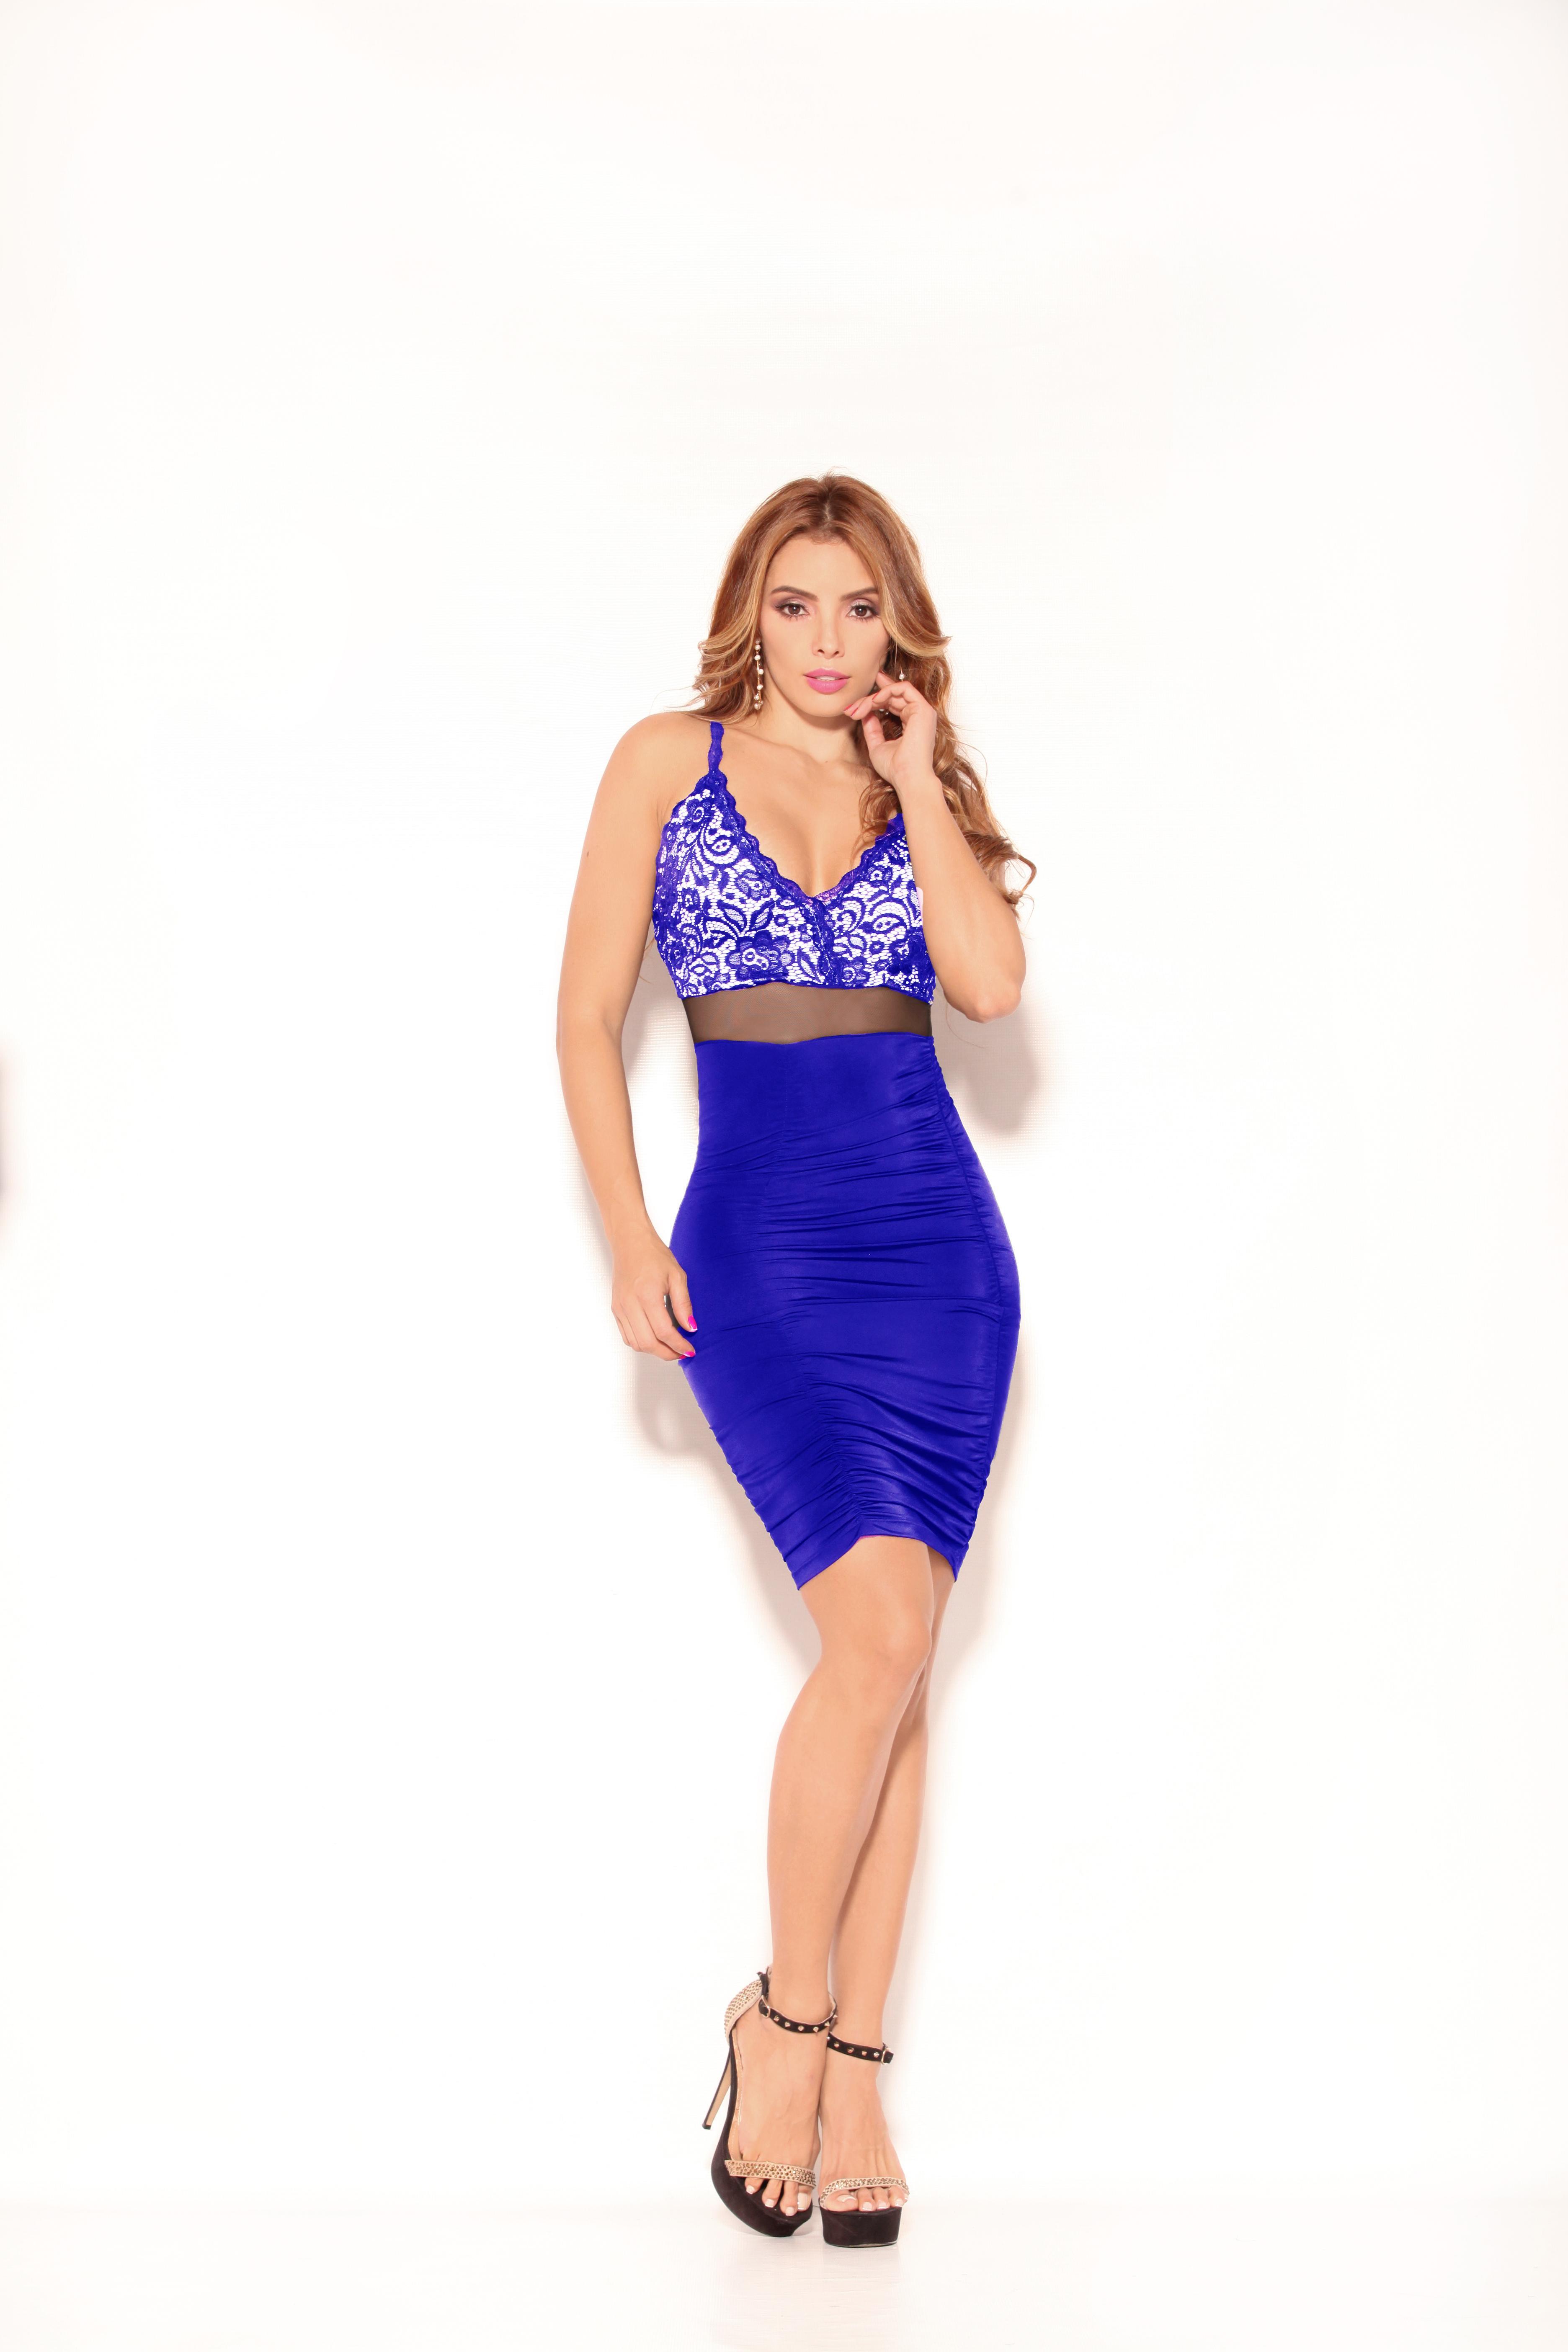 Fantástico Vestido Corto Colombiano Marca Cereza en color Azul y superior Decorado